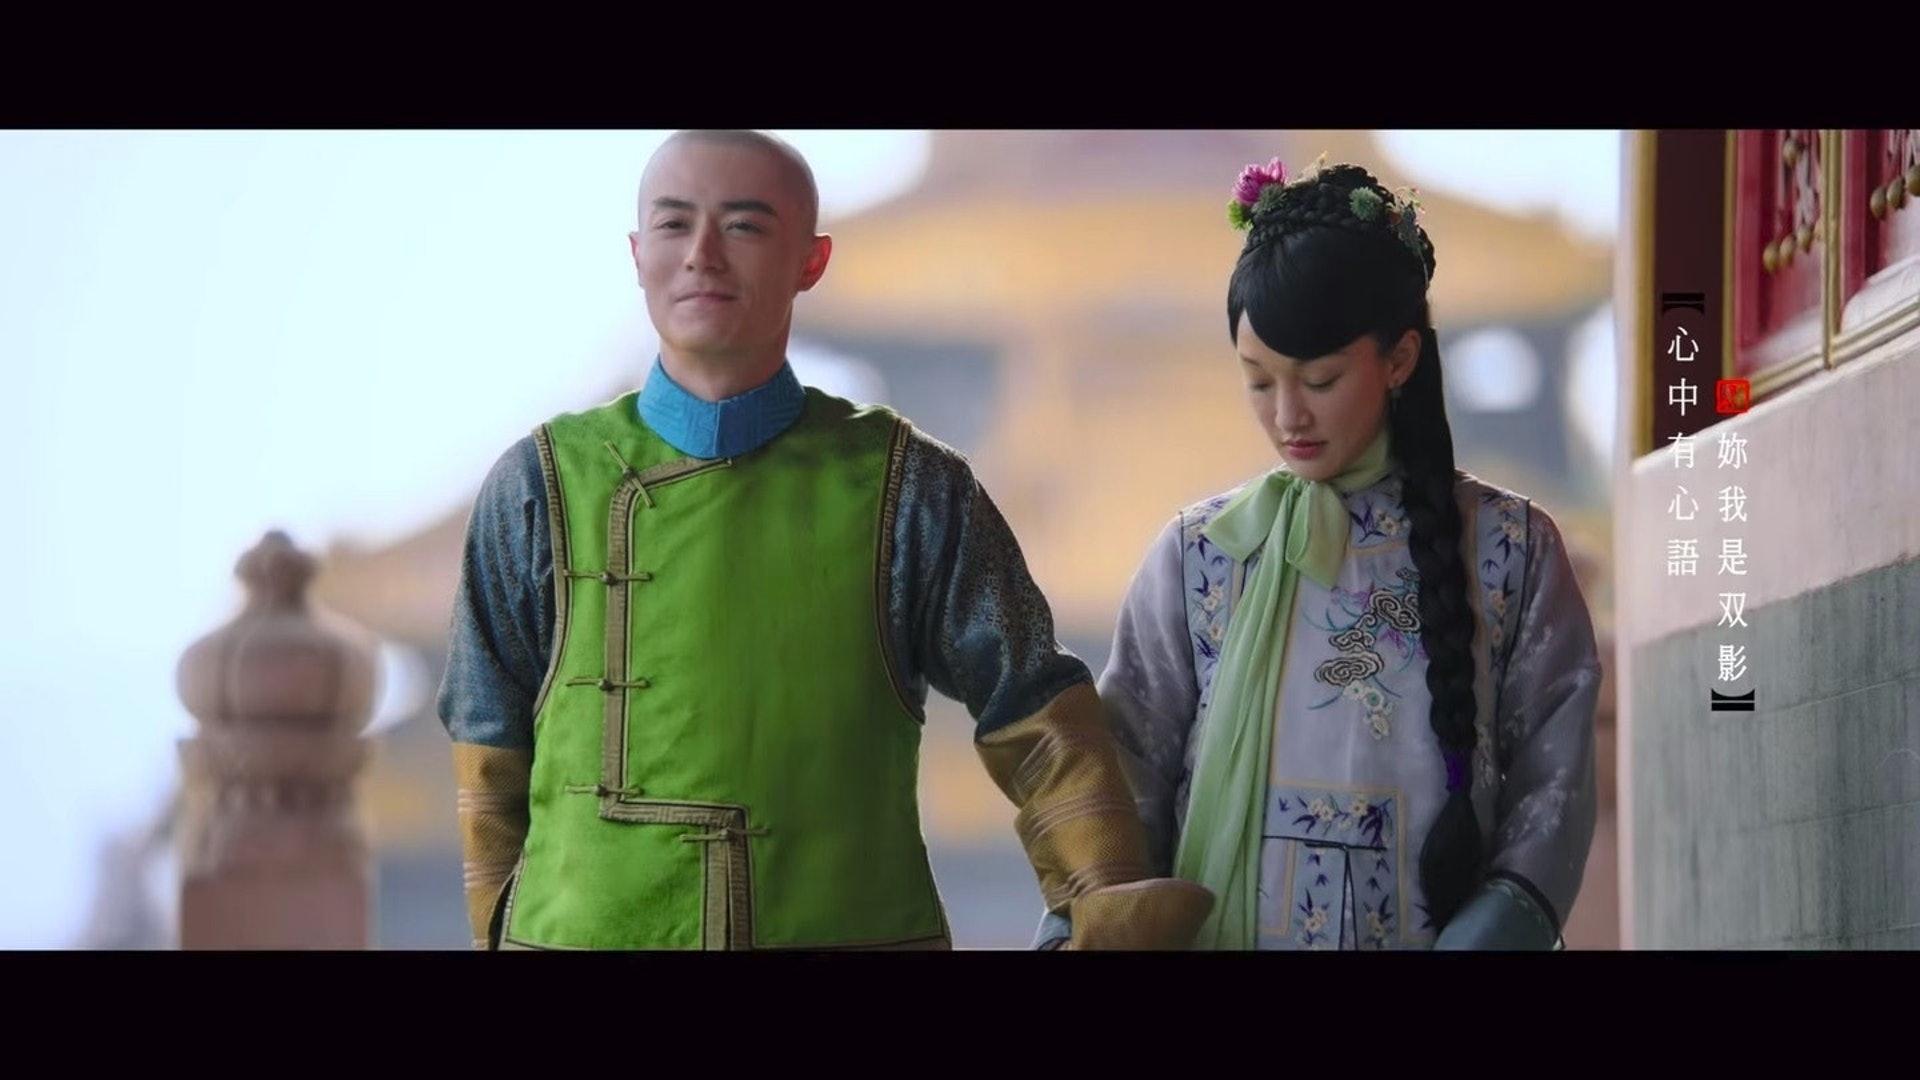 劇中繼皇后如懿(右)與還是皇子時的乾隆,曾是兩小無猜的小戀人。(網上影片截圖)